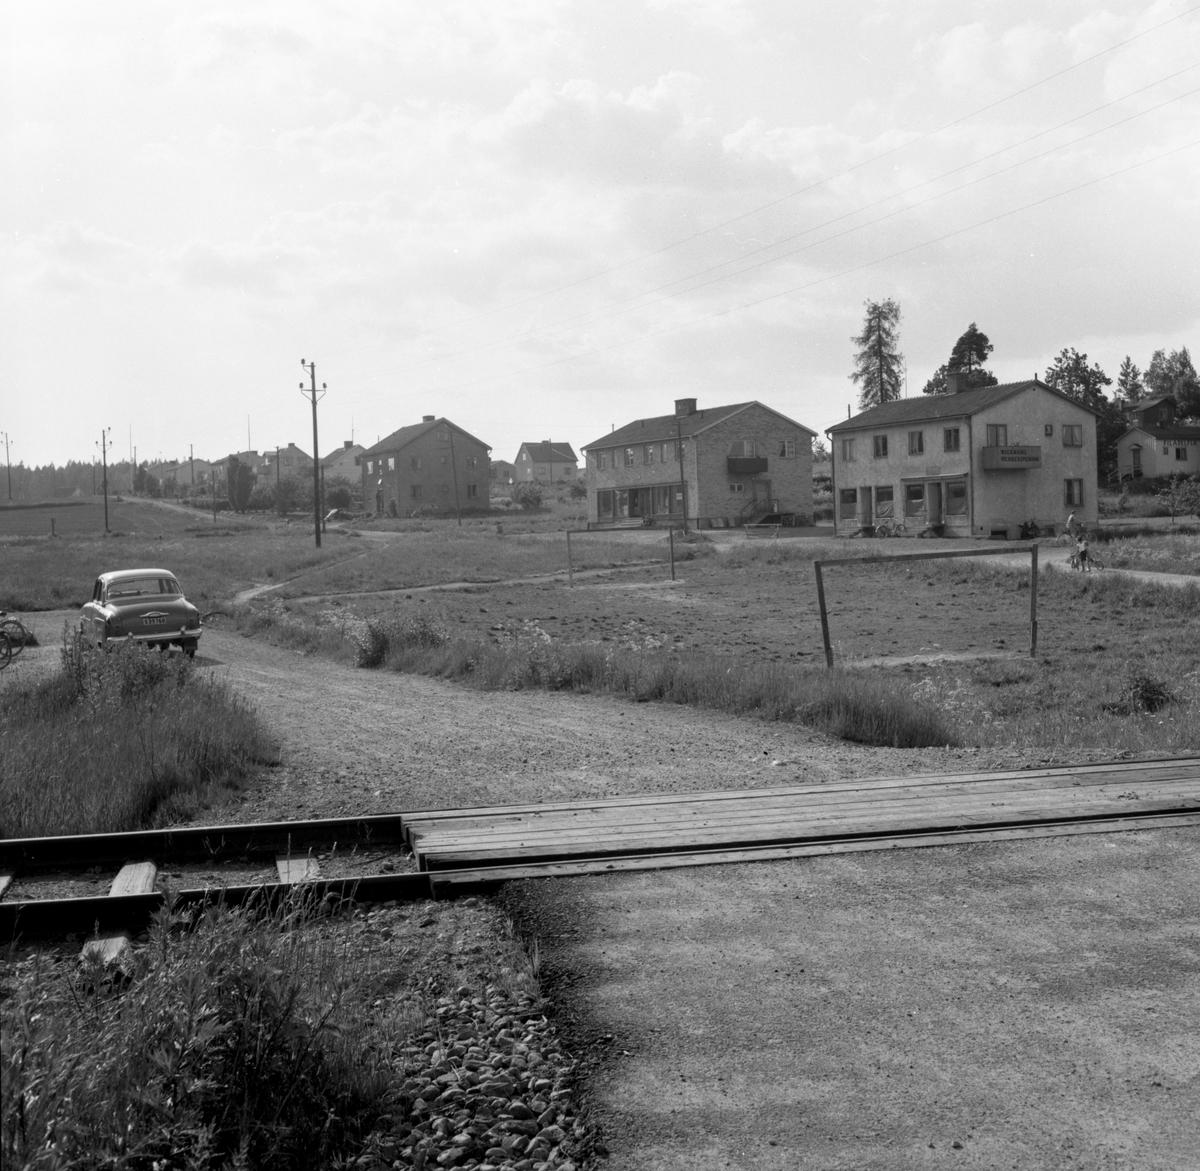 Någonstans i Värmland - från slutet av 1950-talet. Älvenäs, gatan till höger är Åkergatan. Järnvägen som syns går till vänster ner till Rayonfabriken och till höger in till Vålberg. I första byggnaden fanns Wickmans Herrekipering